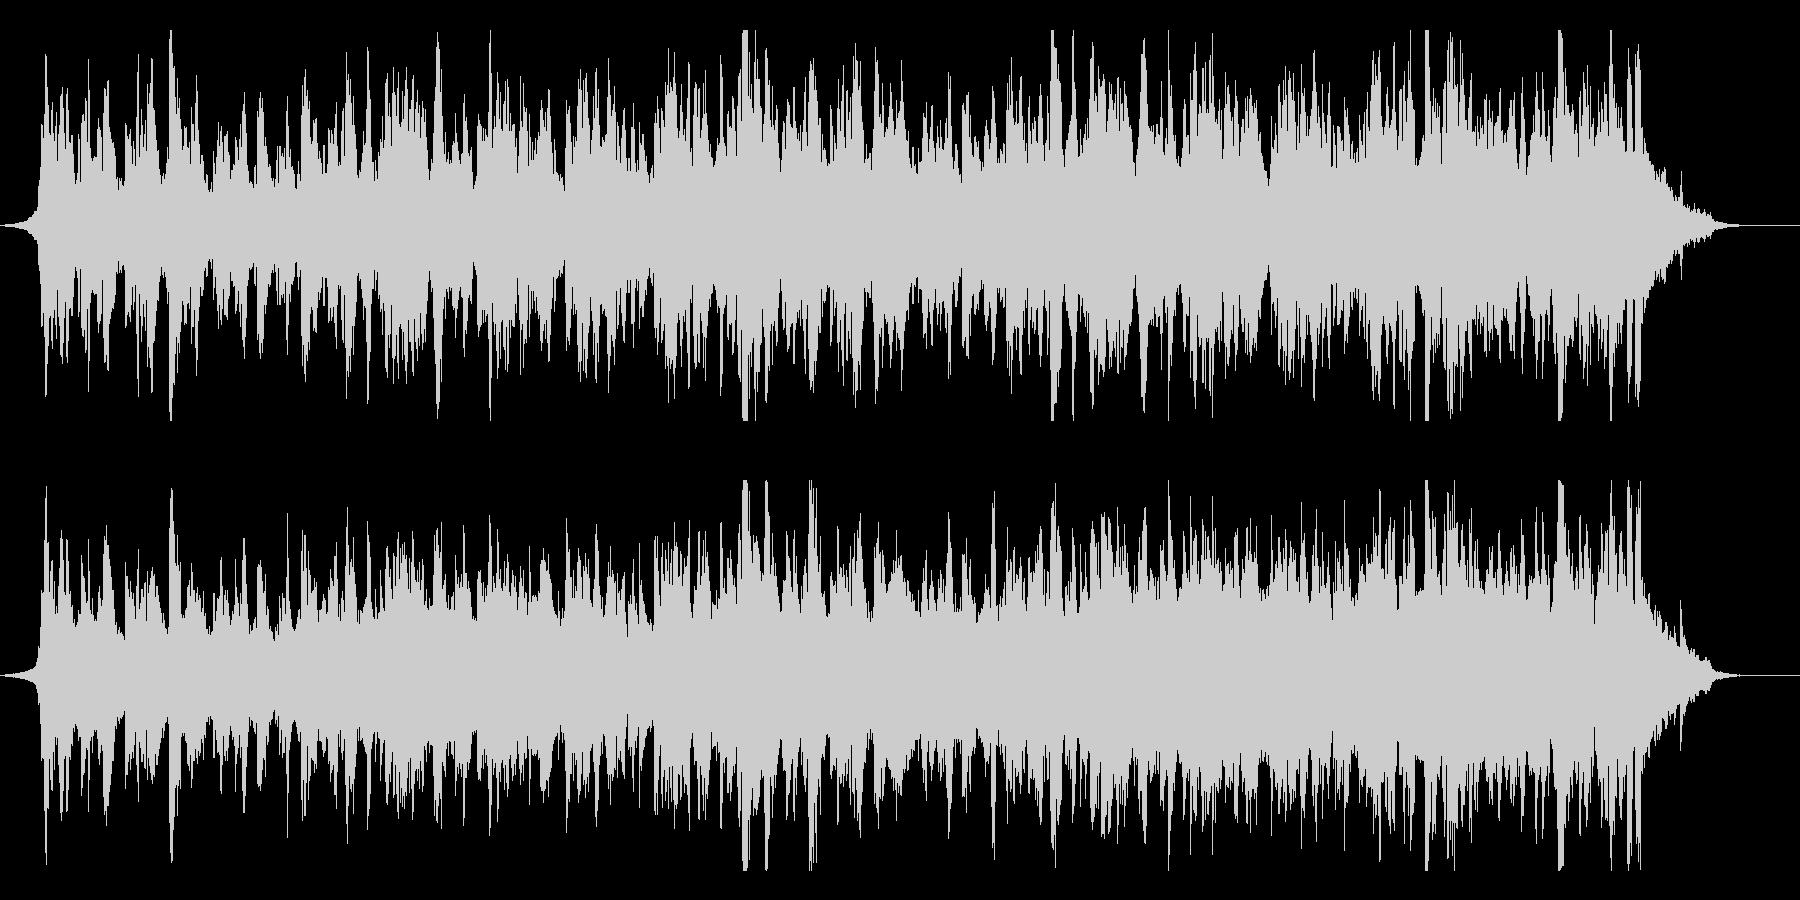 伝統的で優雅なフォークミュージックの未再生の波形